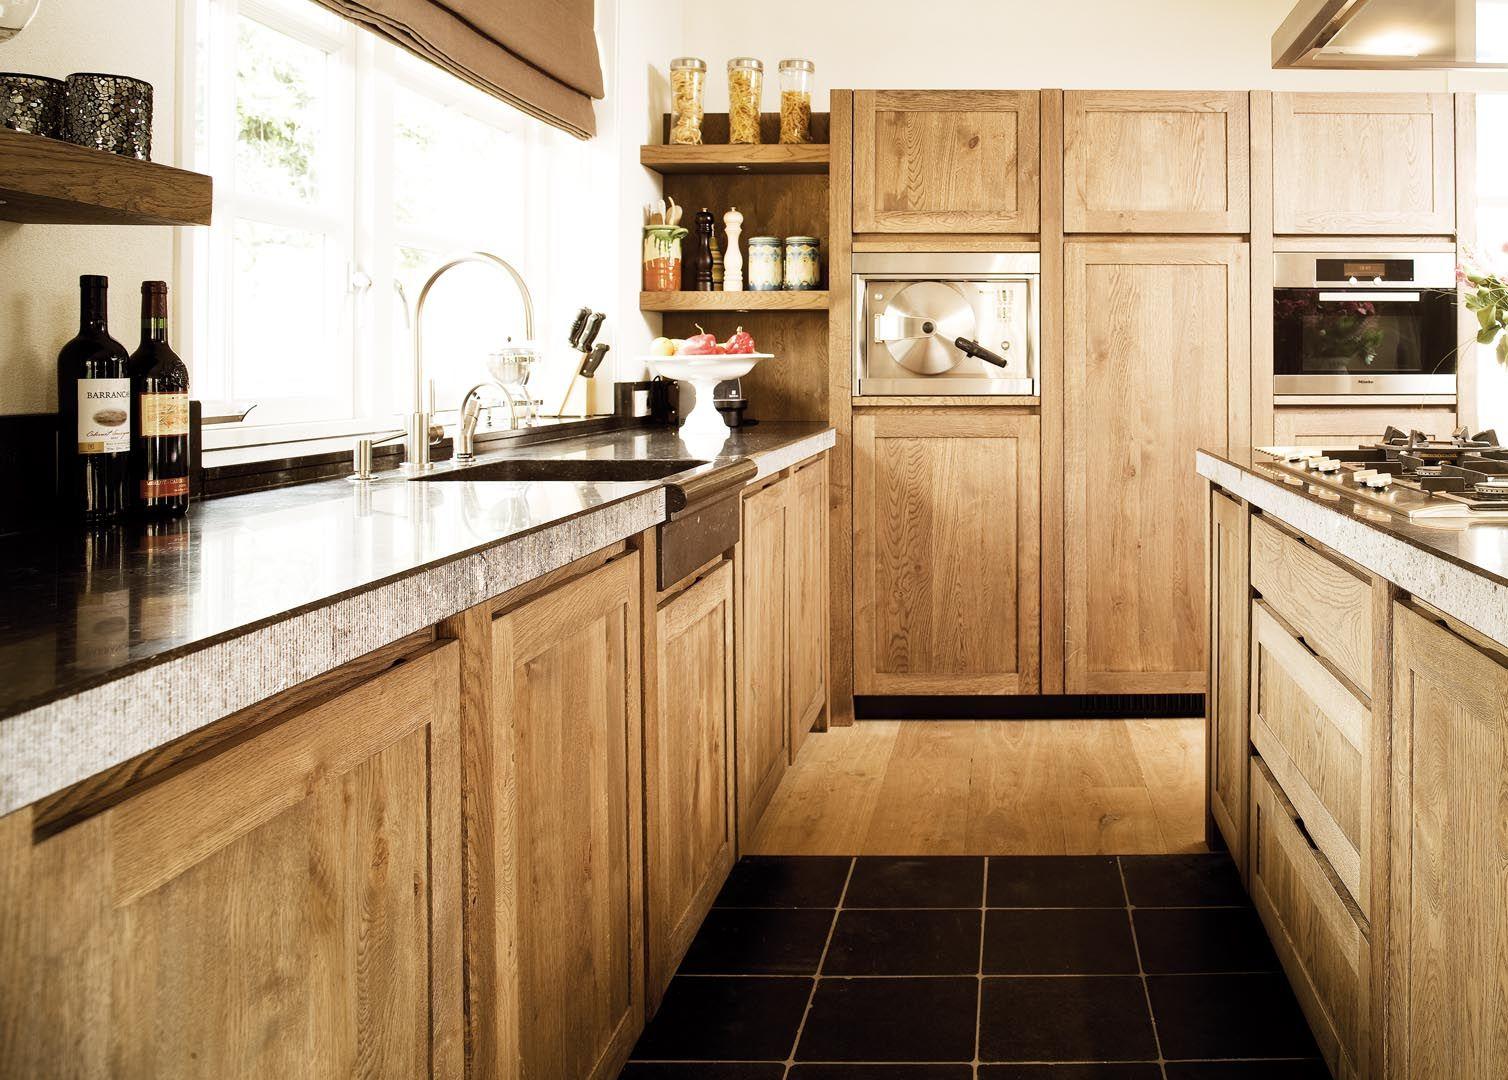 Landelijk Houten Keuken Deze Landelijke Keuken Van Klassiek Eiken